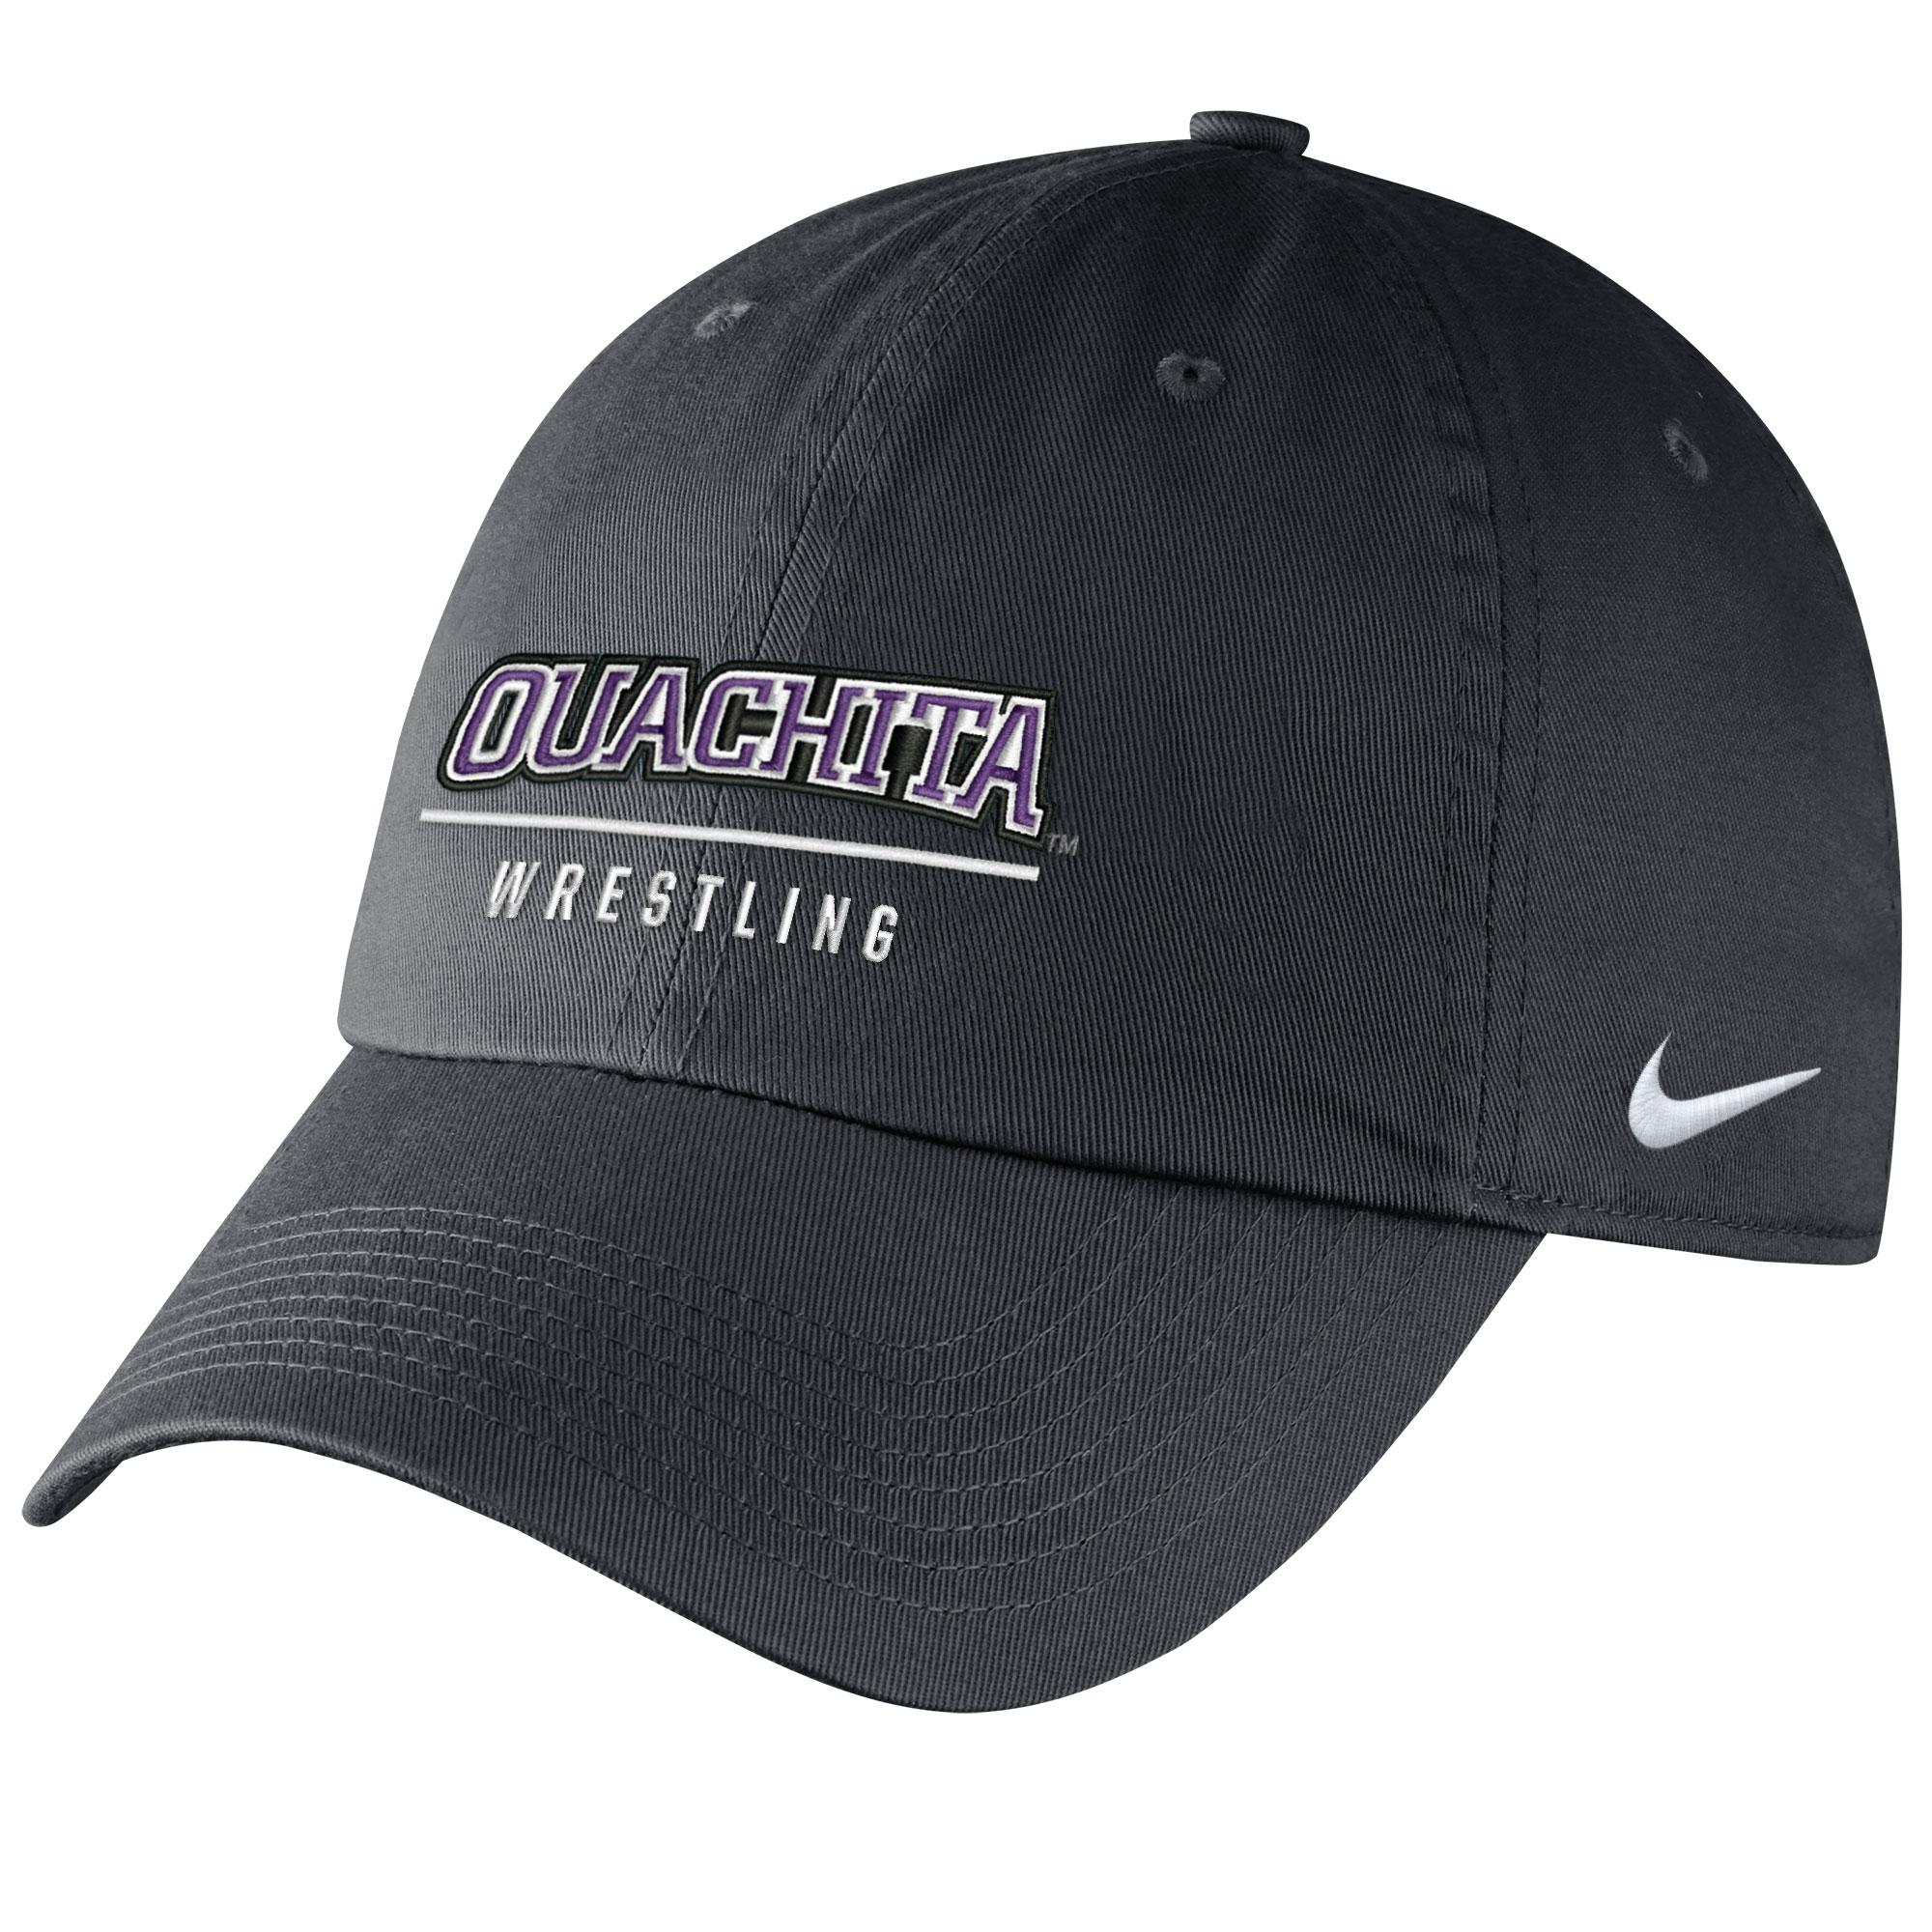 image of: OUACHITA WRESTLING CAMPUS CAP